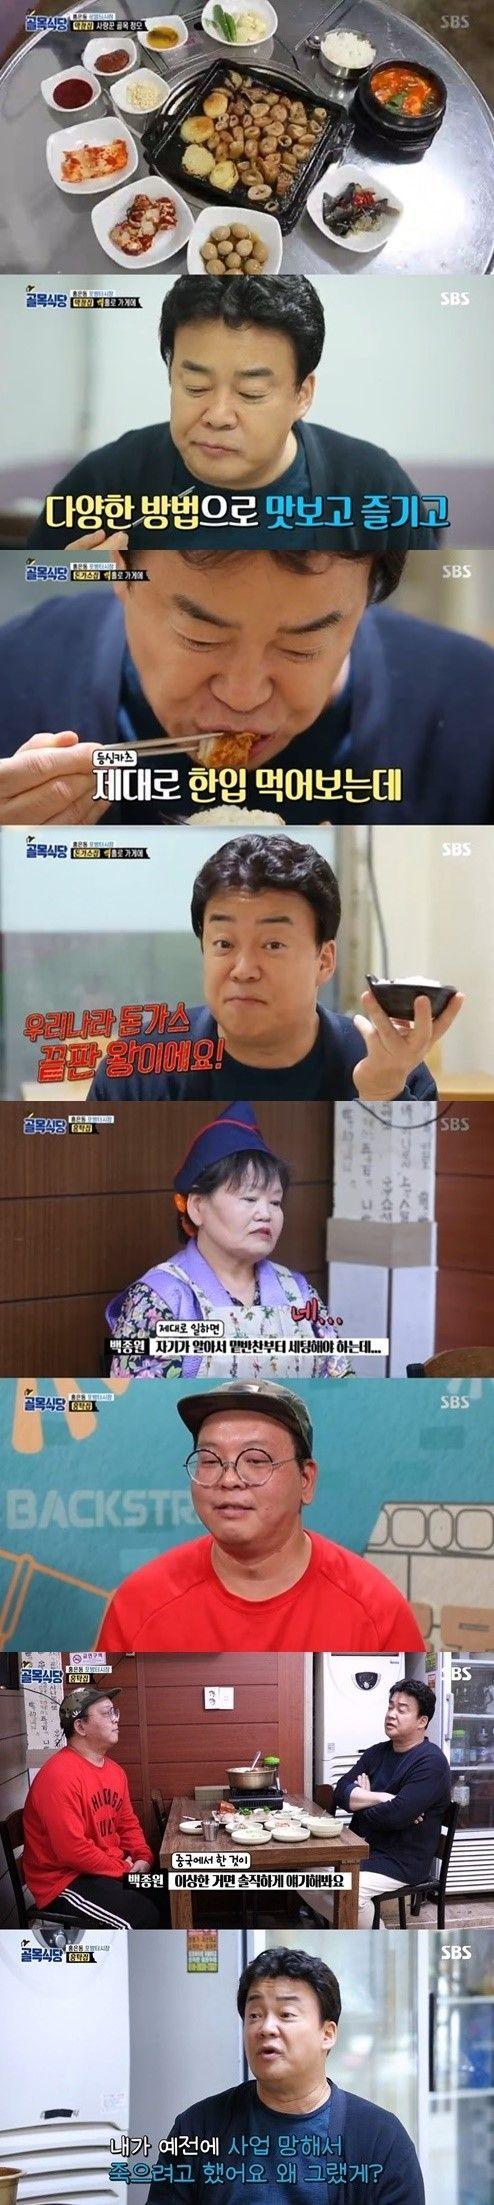 '골목식당' 백종원, 홍탁집 아들 향한 일갈…시청률 7.4% '최고의 1분'